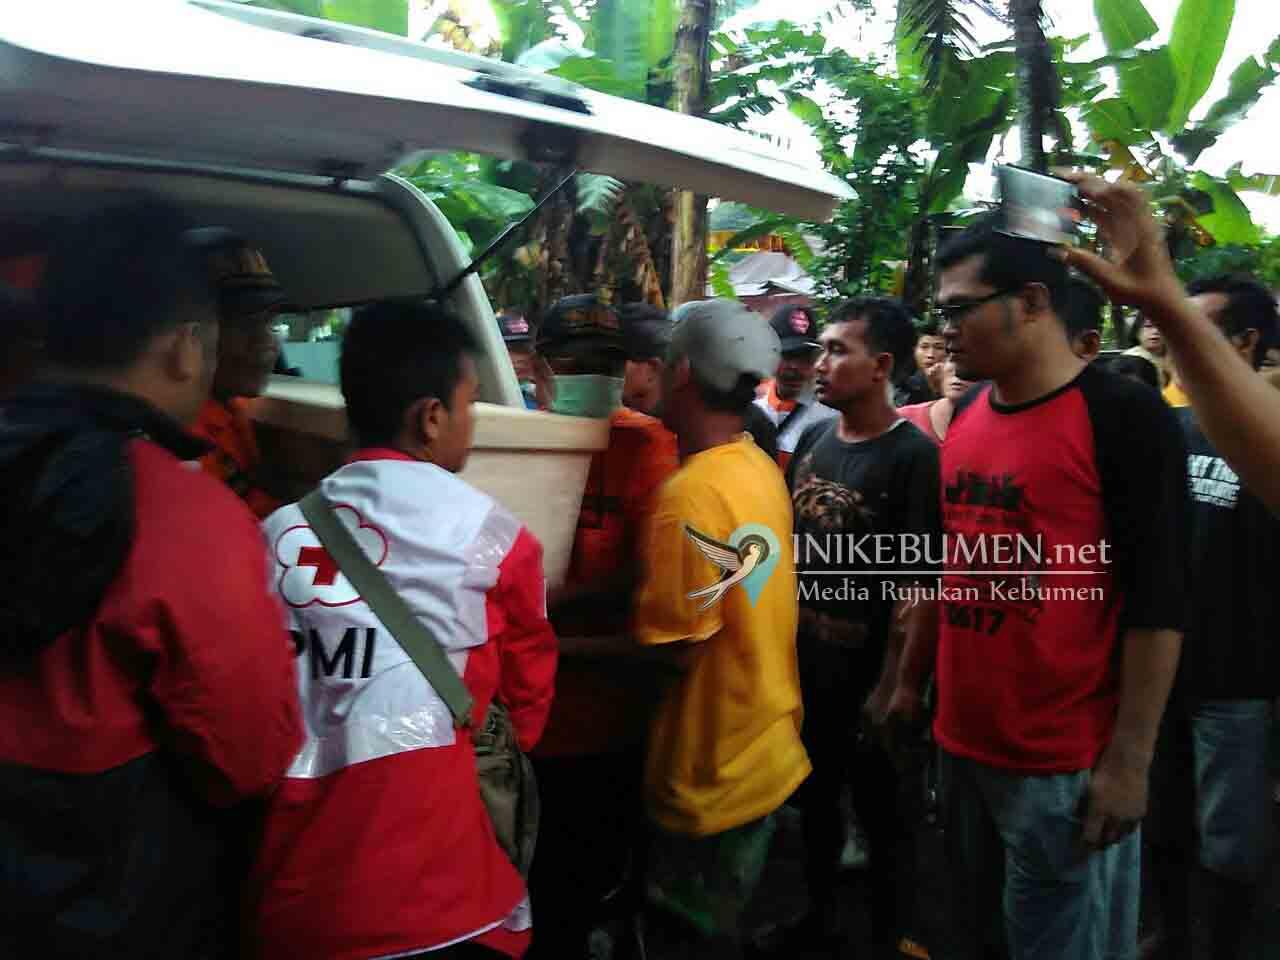 Jenasah Nurul, Korban Tenggelam di Pantai Setrojenar Sudah Diantar ke Purbalingga